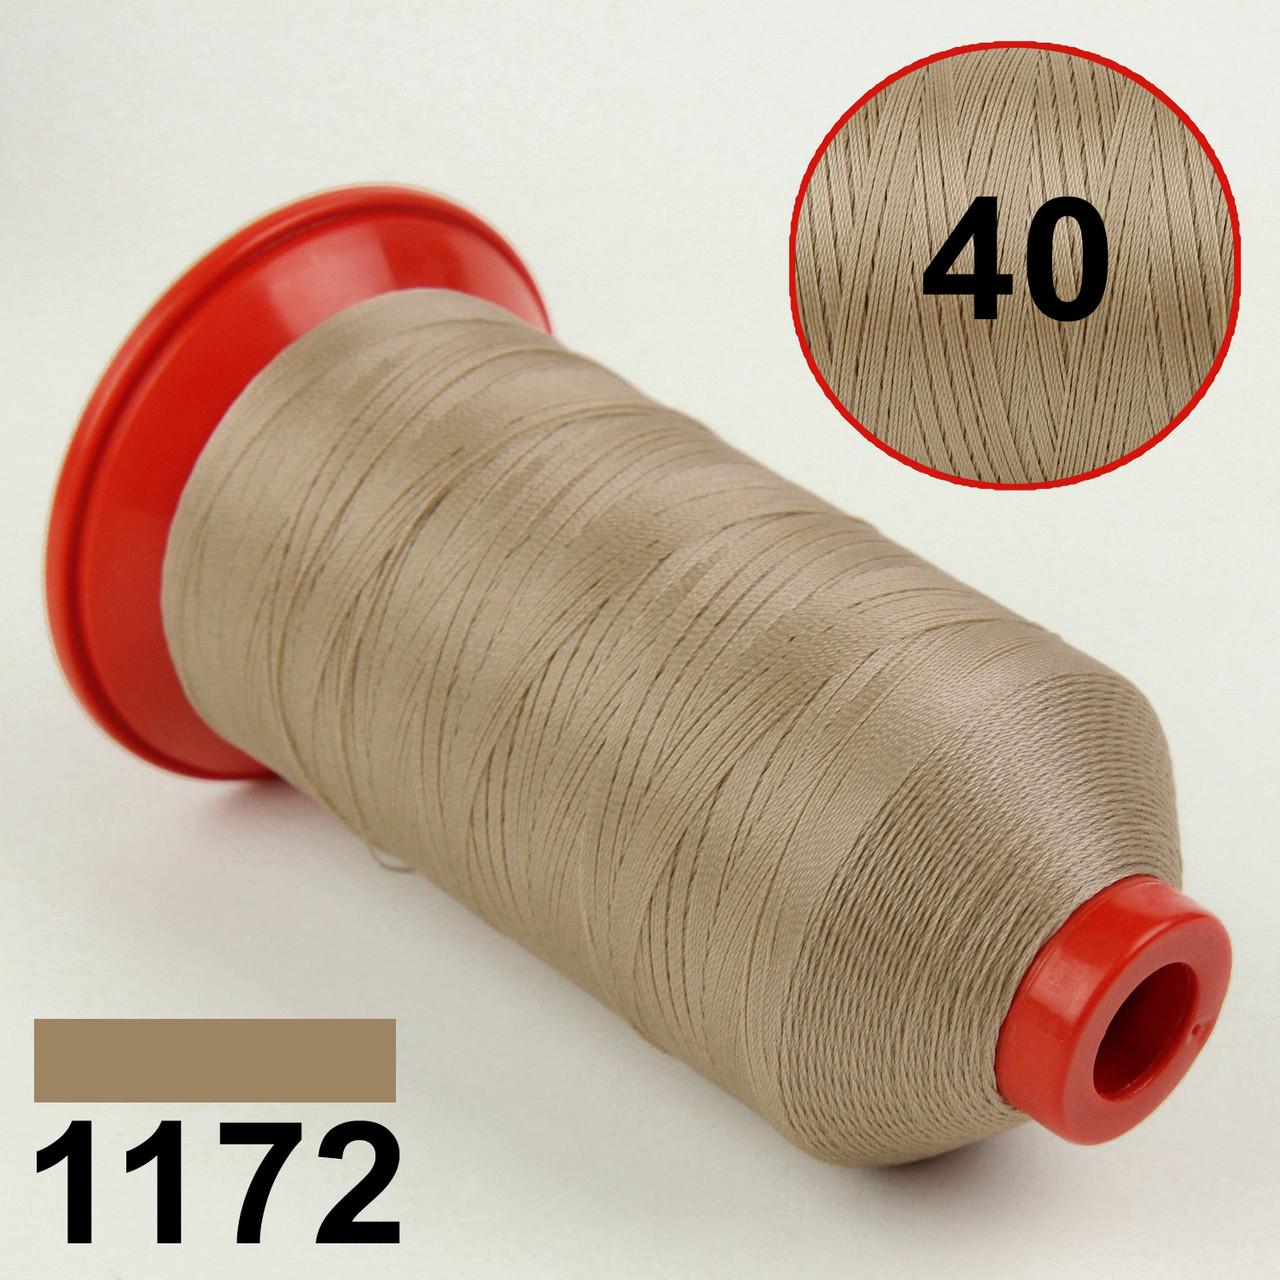 Нить POLYART(ПОЛИАРТ) N40 цвет 1172 бежевый, для пошив чехлов на автомобильные сидения и руль, 3000м